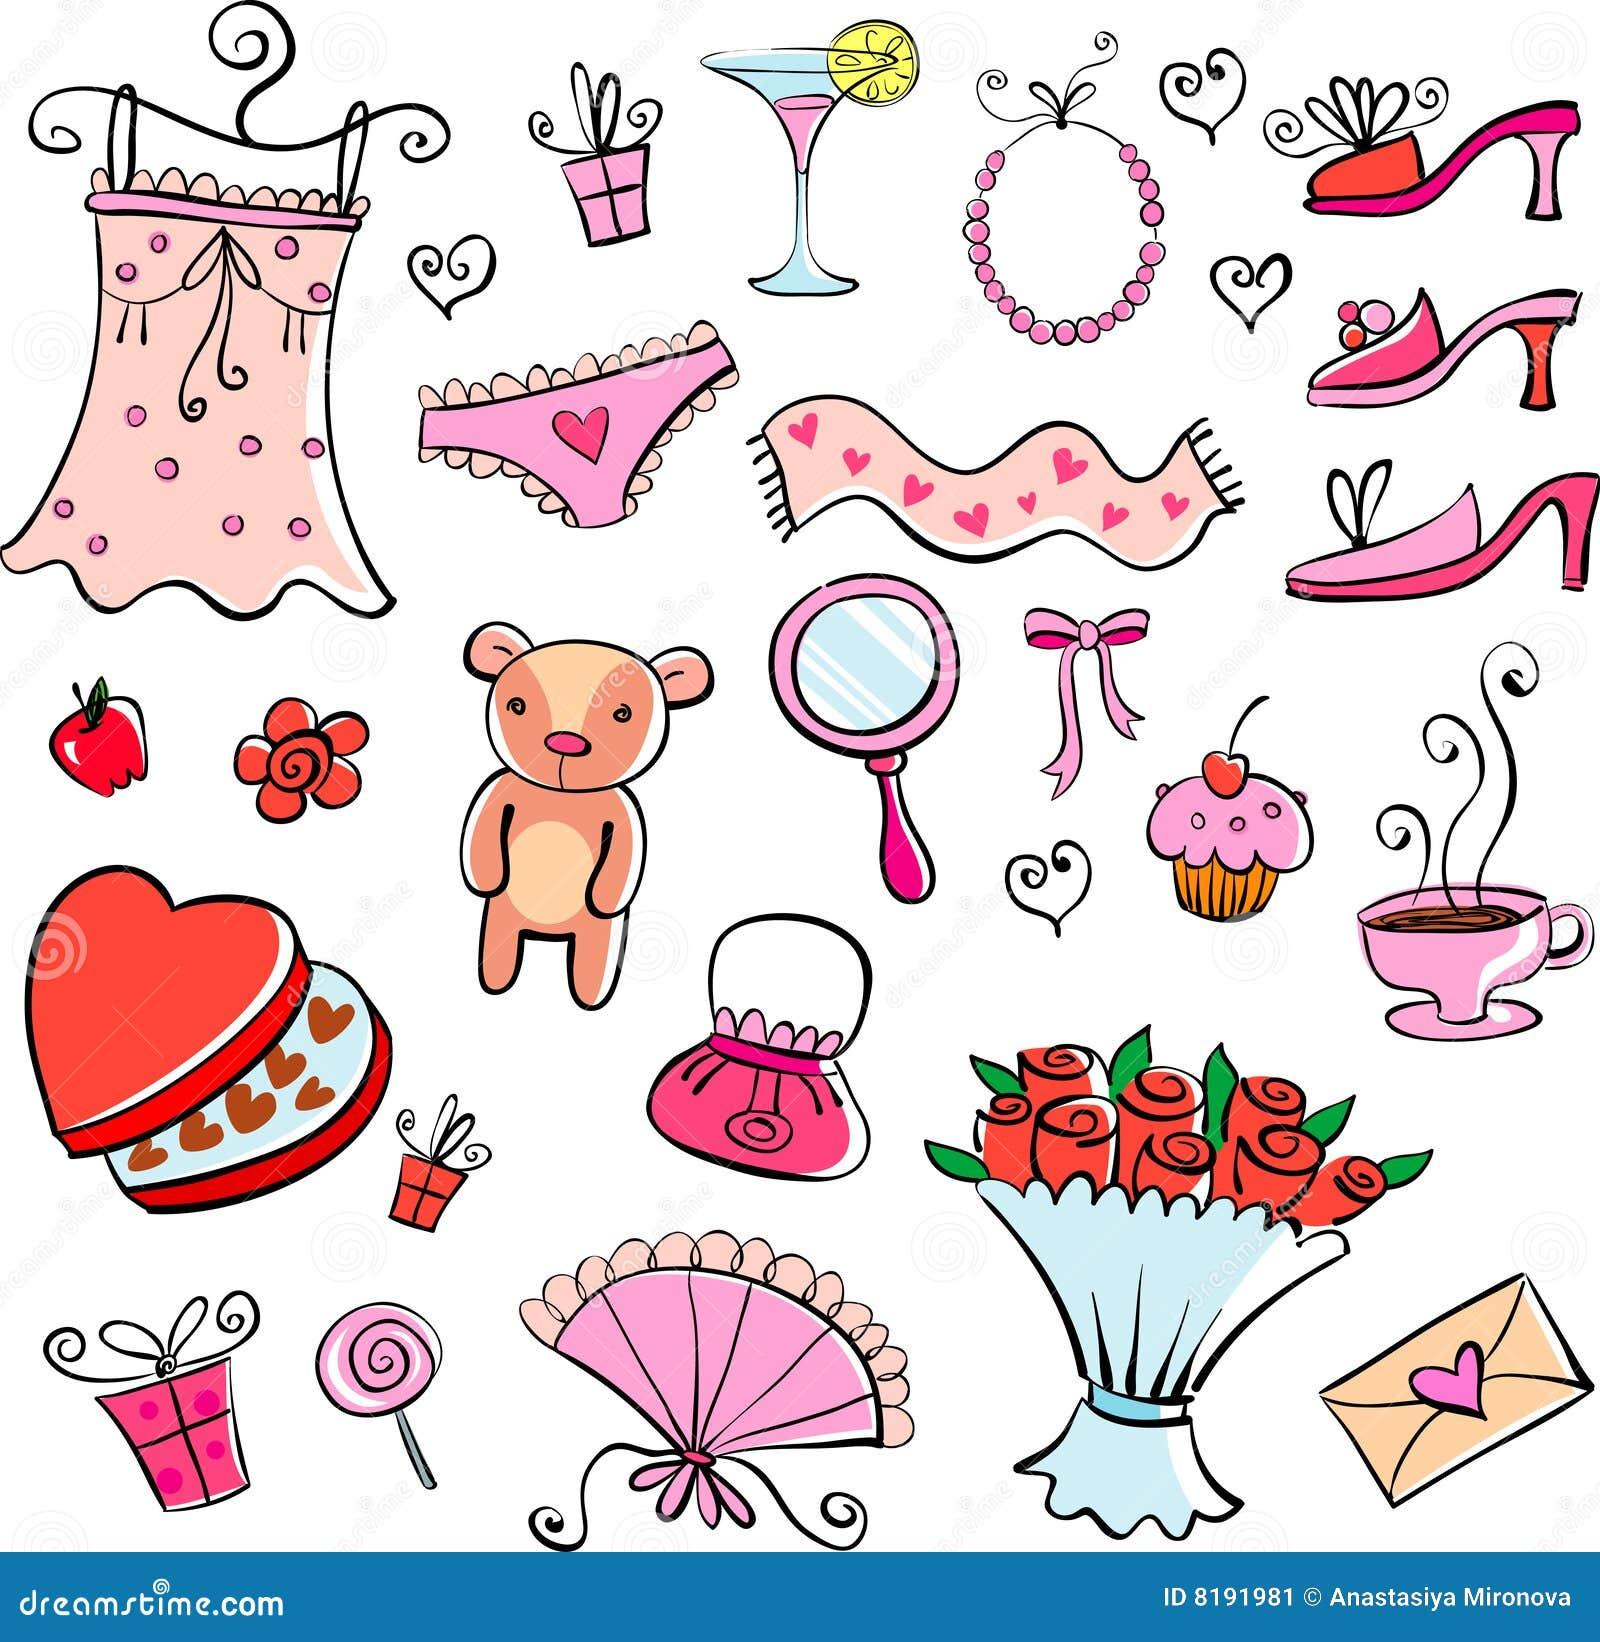 Geschenk-Ideen für Mädchen